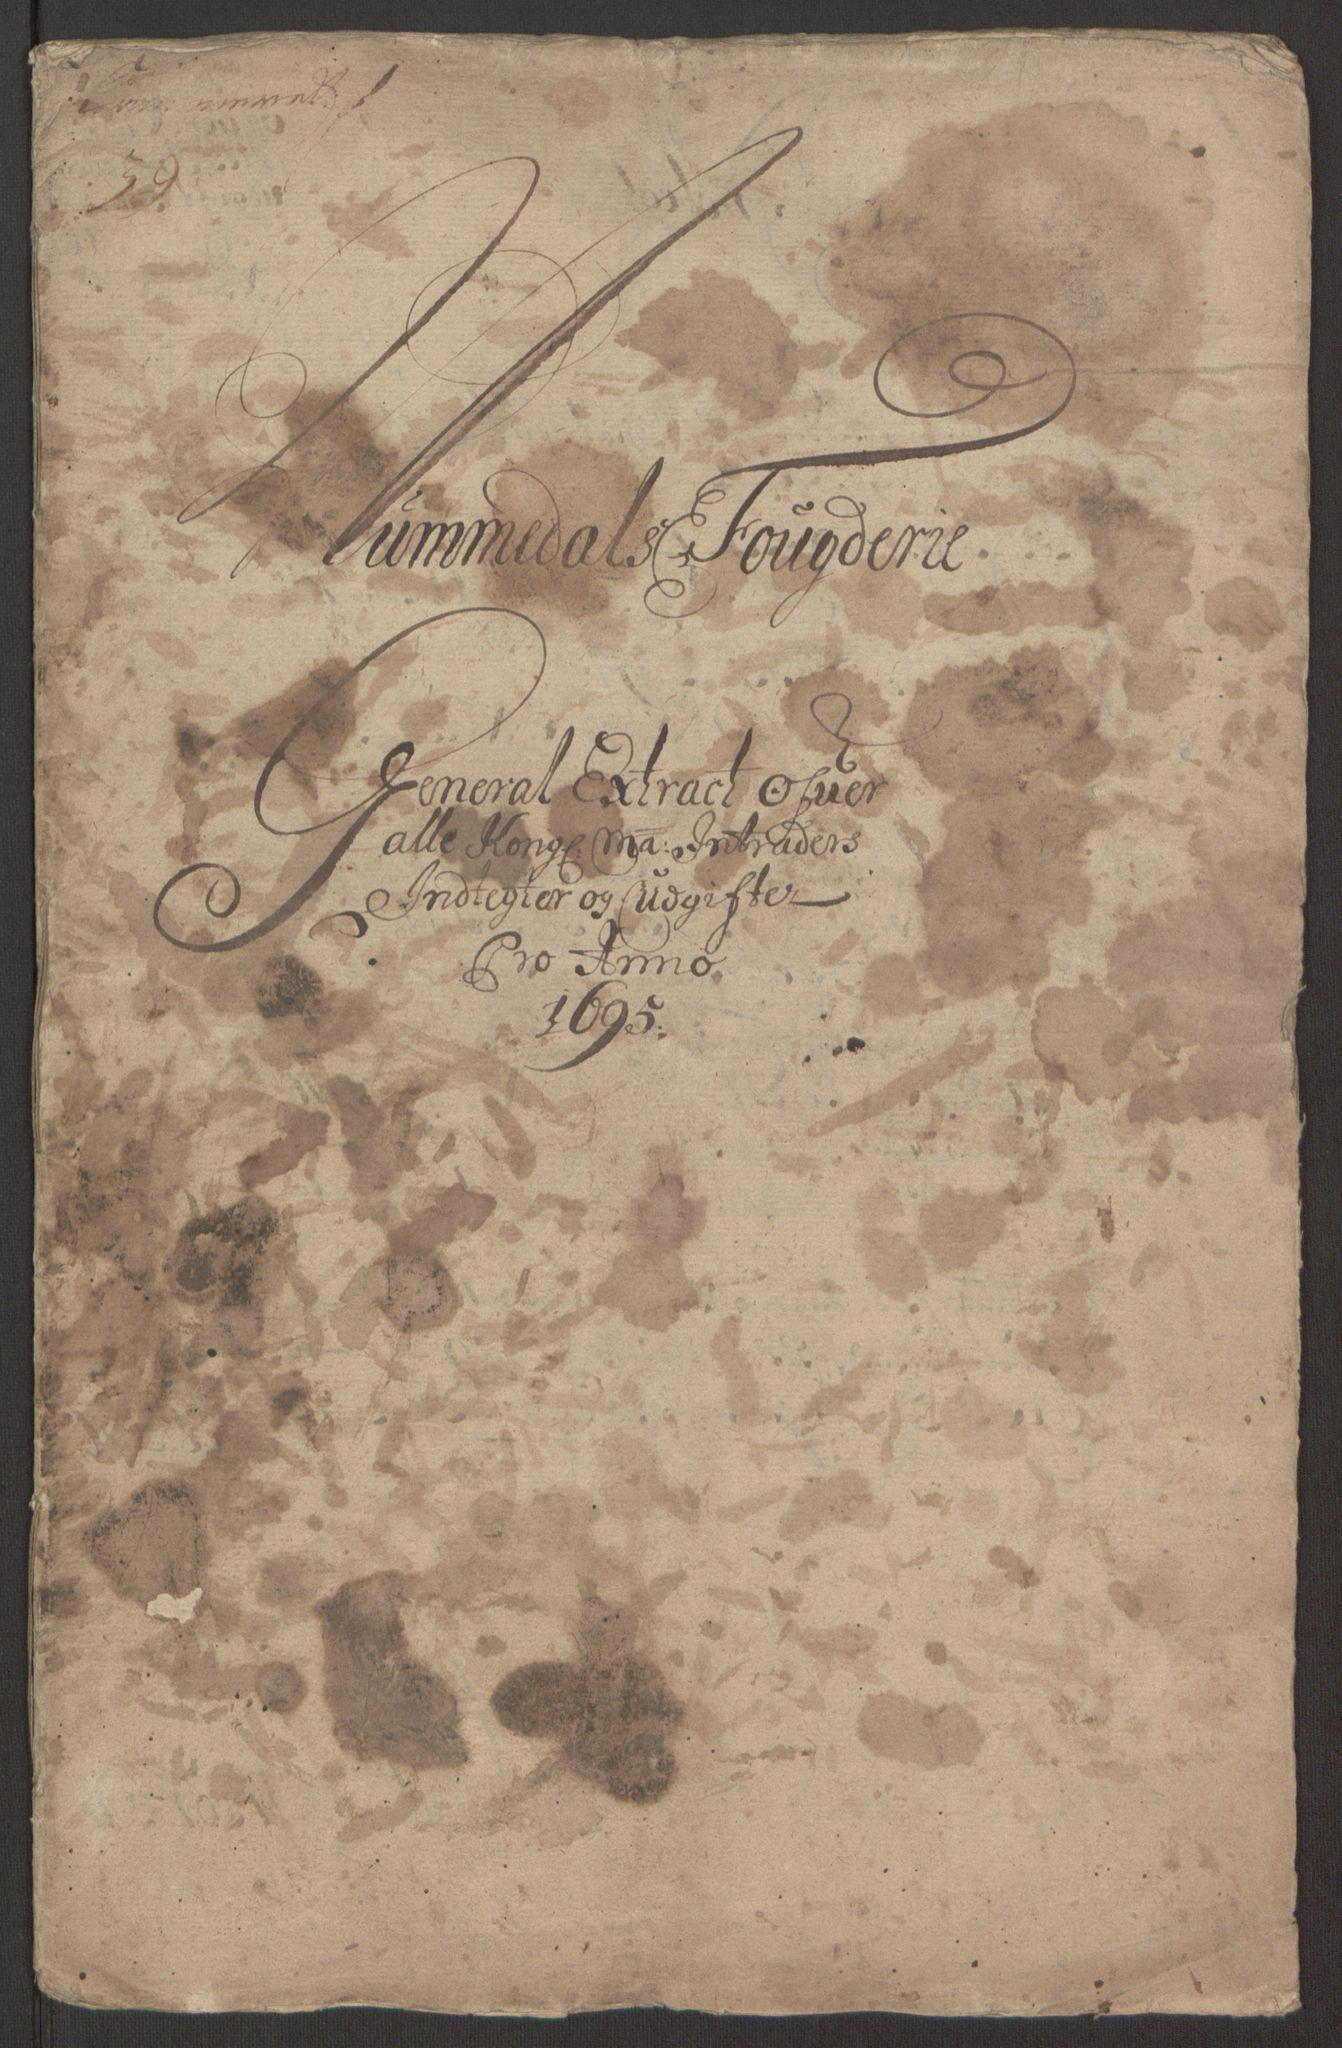 RA, Rentekammeret inntil 1814, Reviderte regnskaper, Fogderegnskap, R64/L4424: Fogderegnskap Namdal, 1692-1695, s. 452